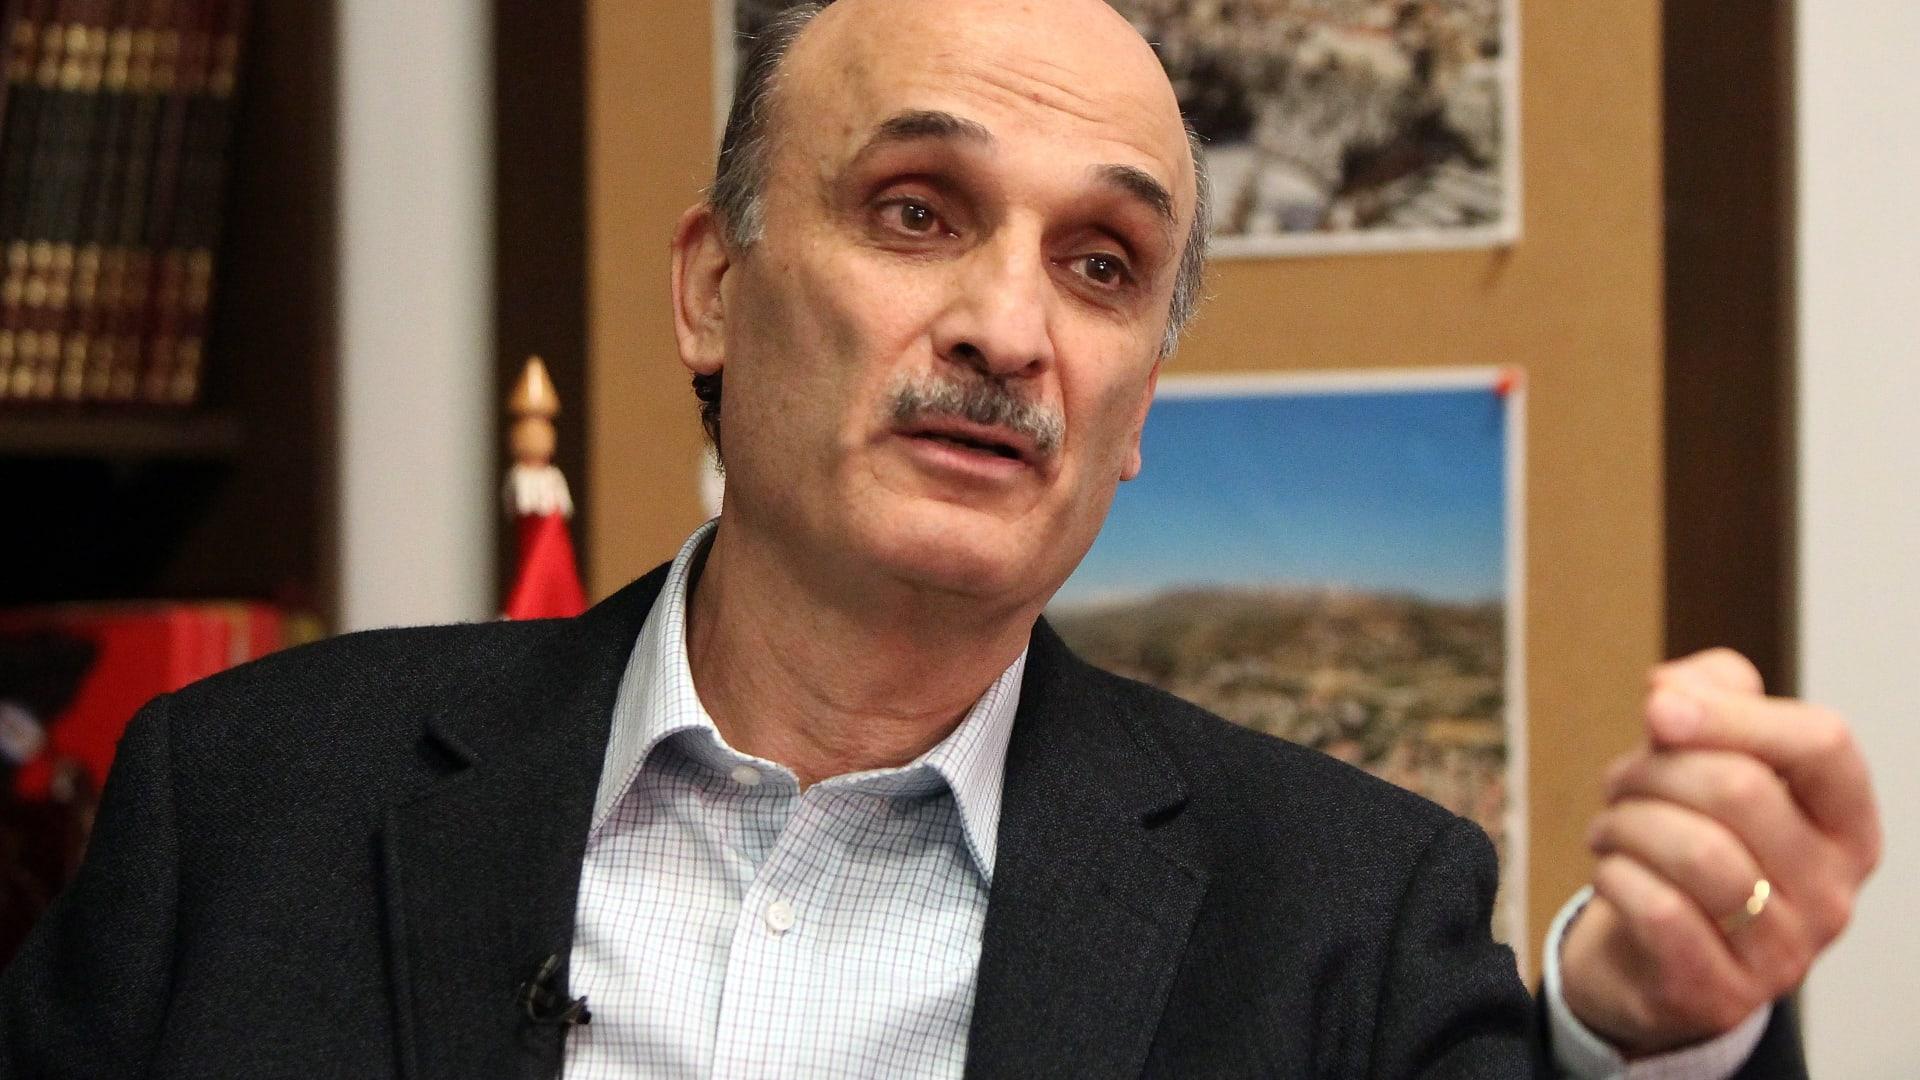 حزب القوات اللبنانية يرد على تقرير حول اتصال من السعودية لعدم التصويت للحريري